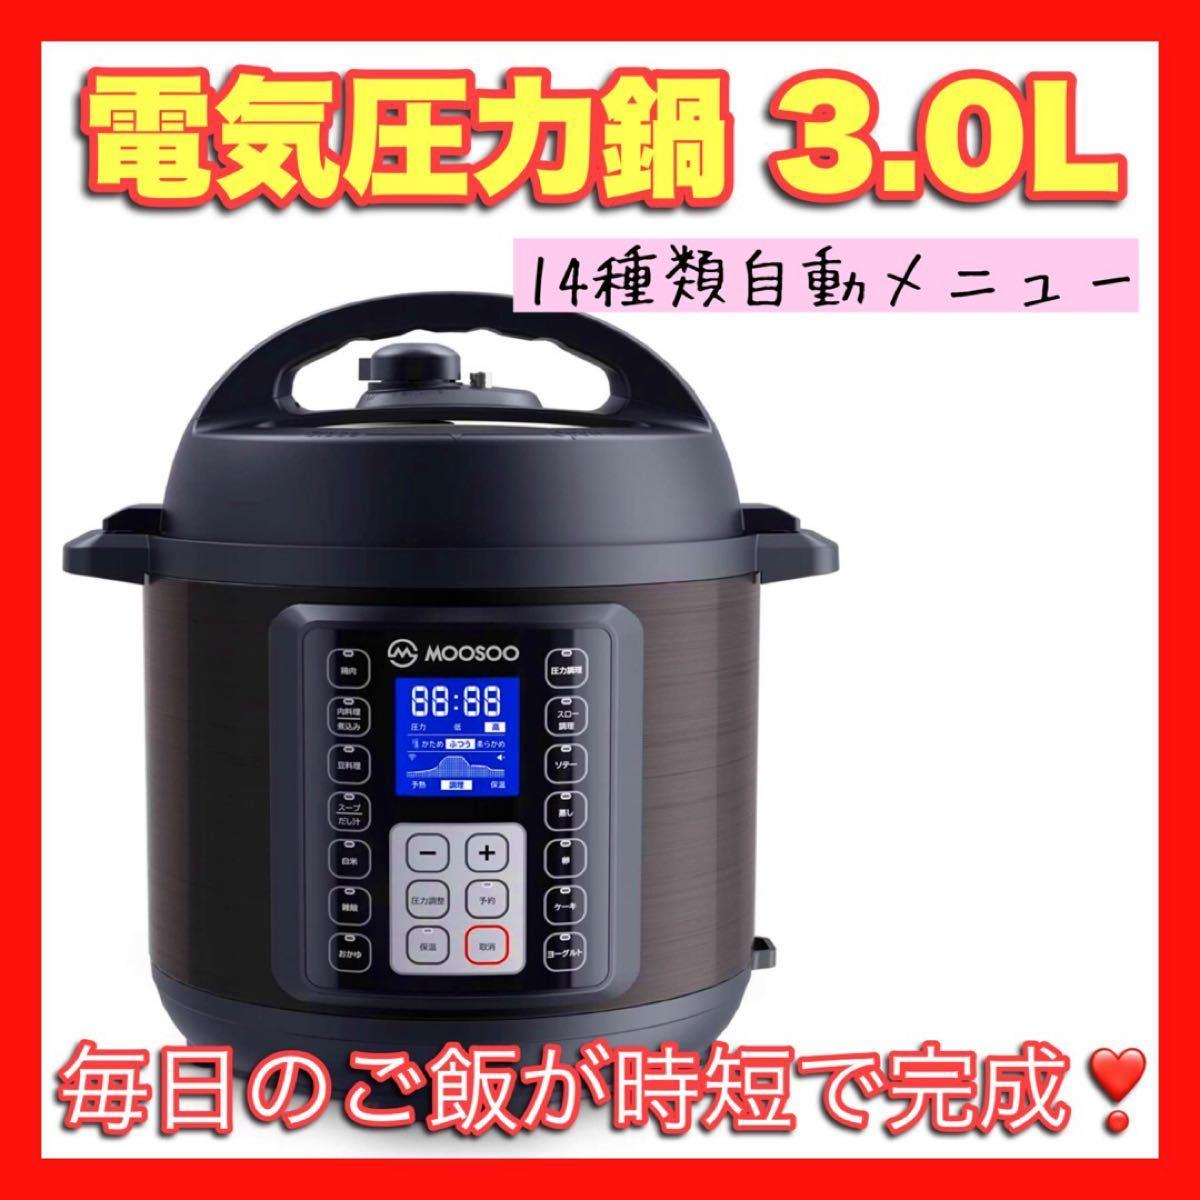 電気圧力鍋 3.0L 14種類自動メニュー 予約調理・保温機能付き